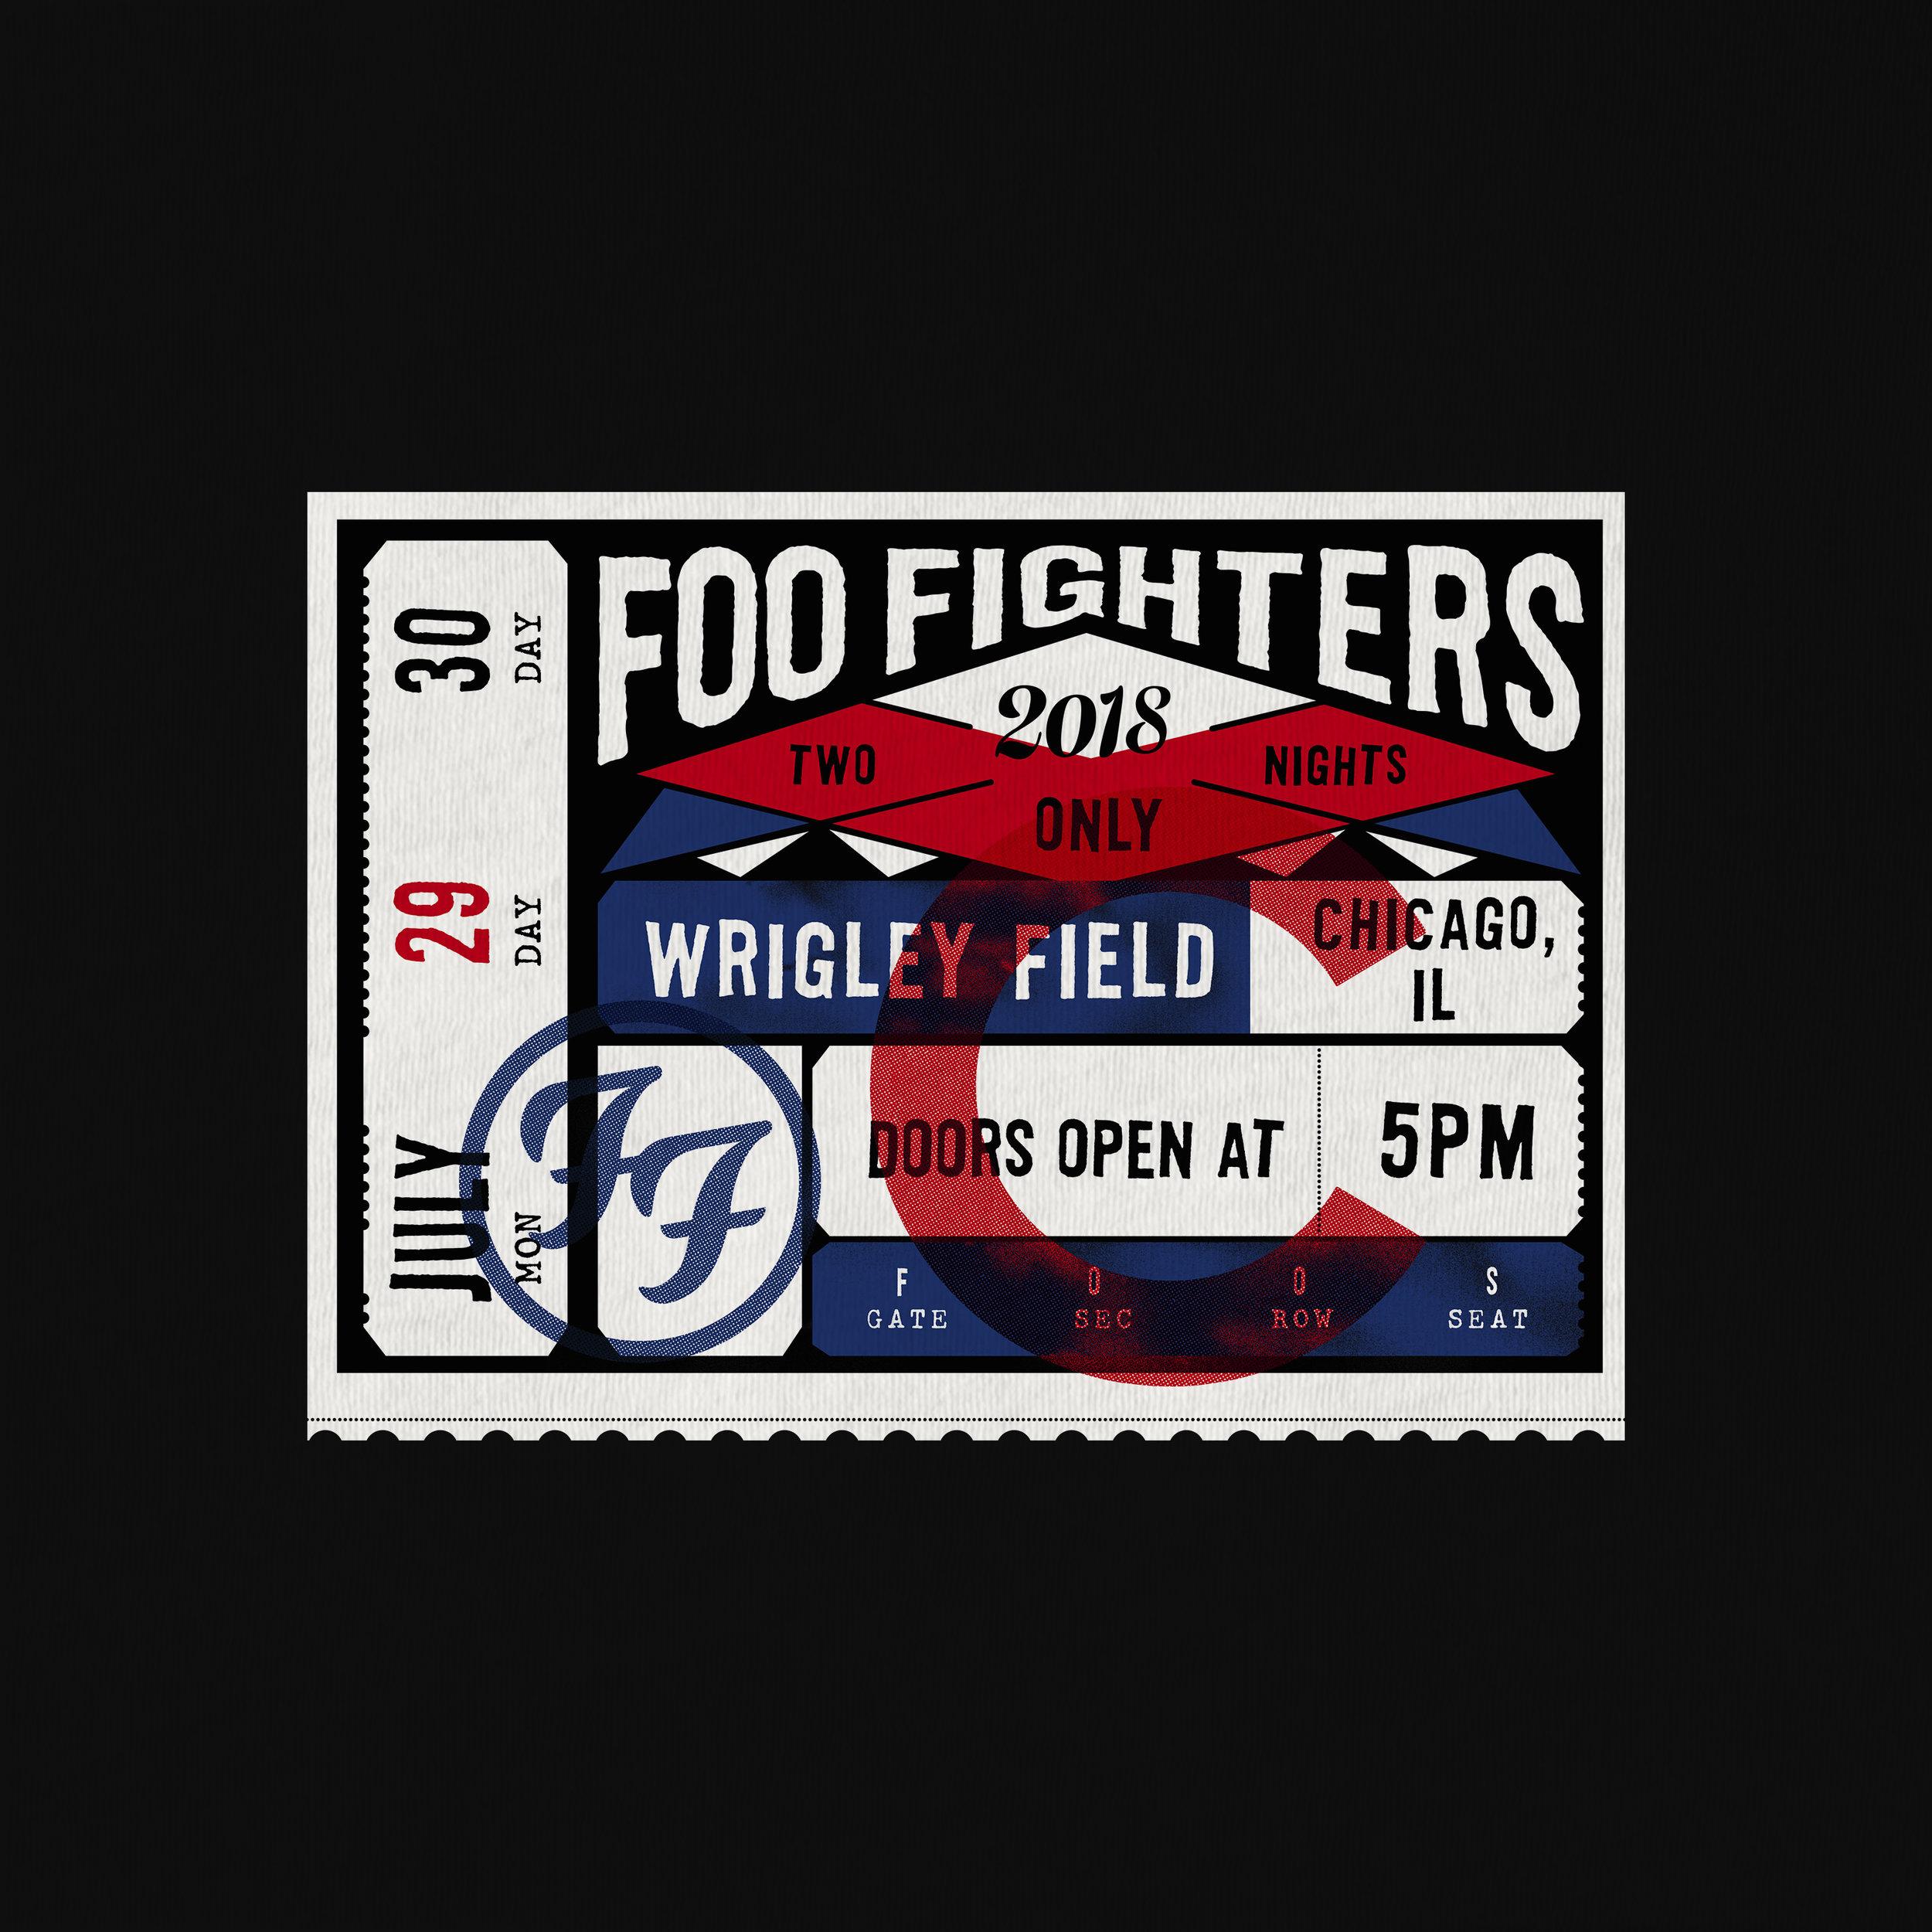 foo-fighters-ticket.jpg